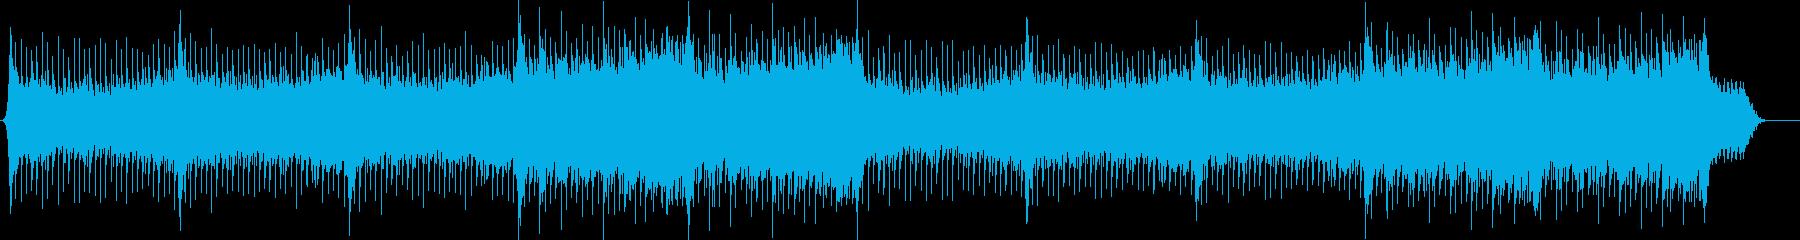 企業VP系117、爽やかギター4つ打ちaの再生済みの波形